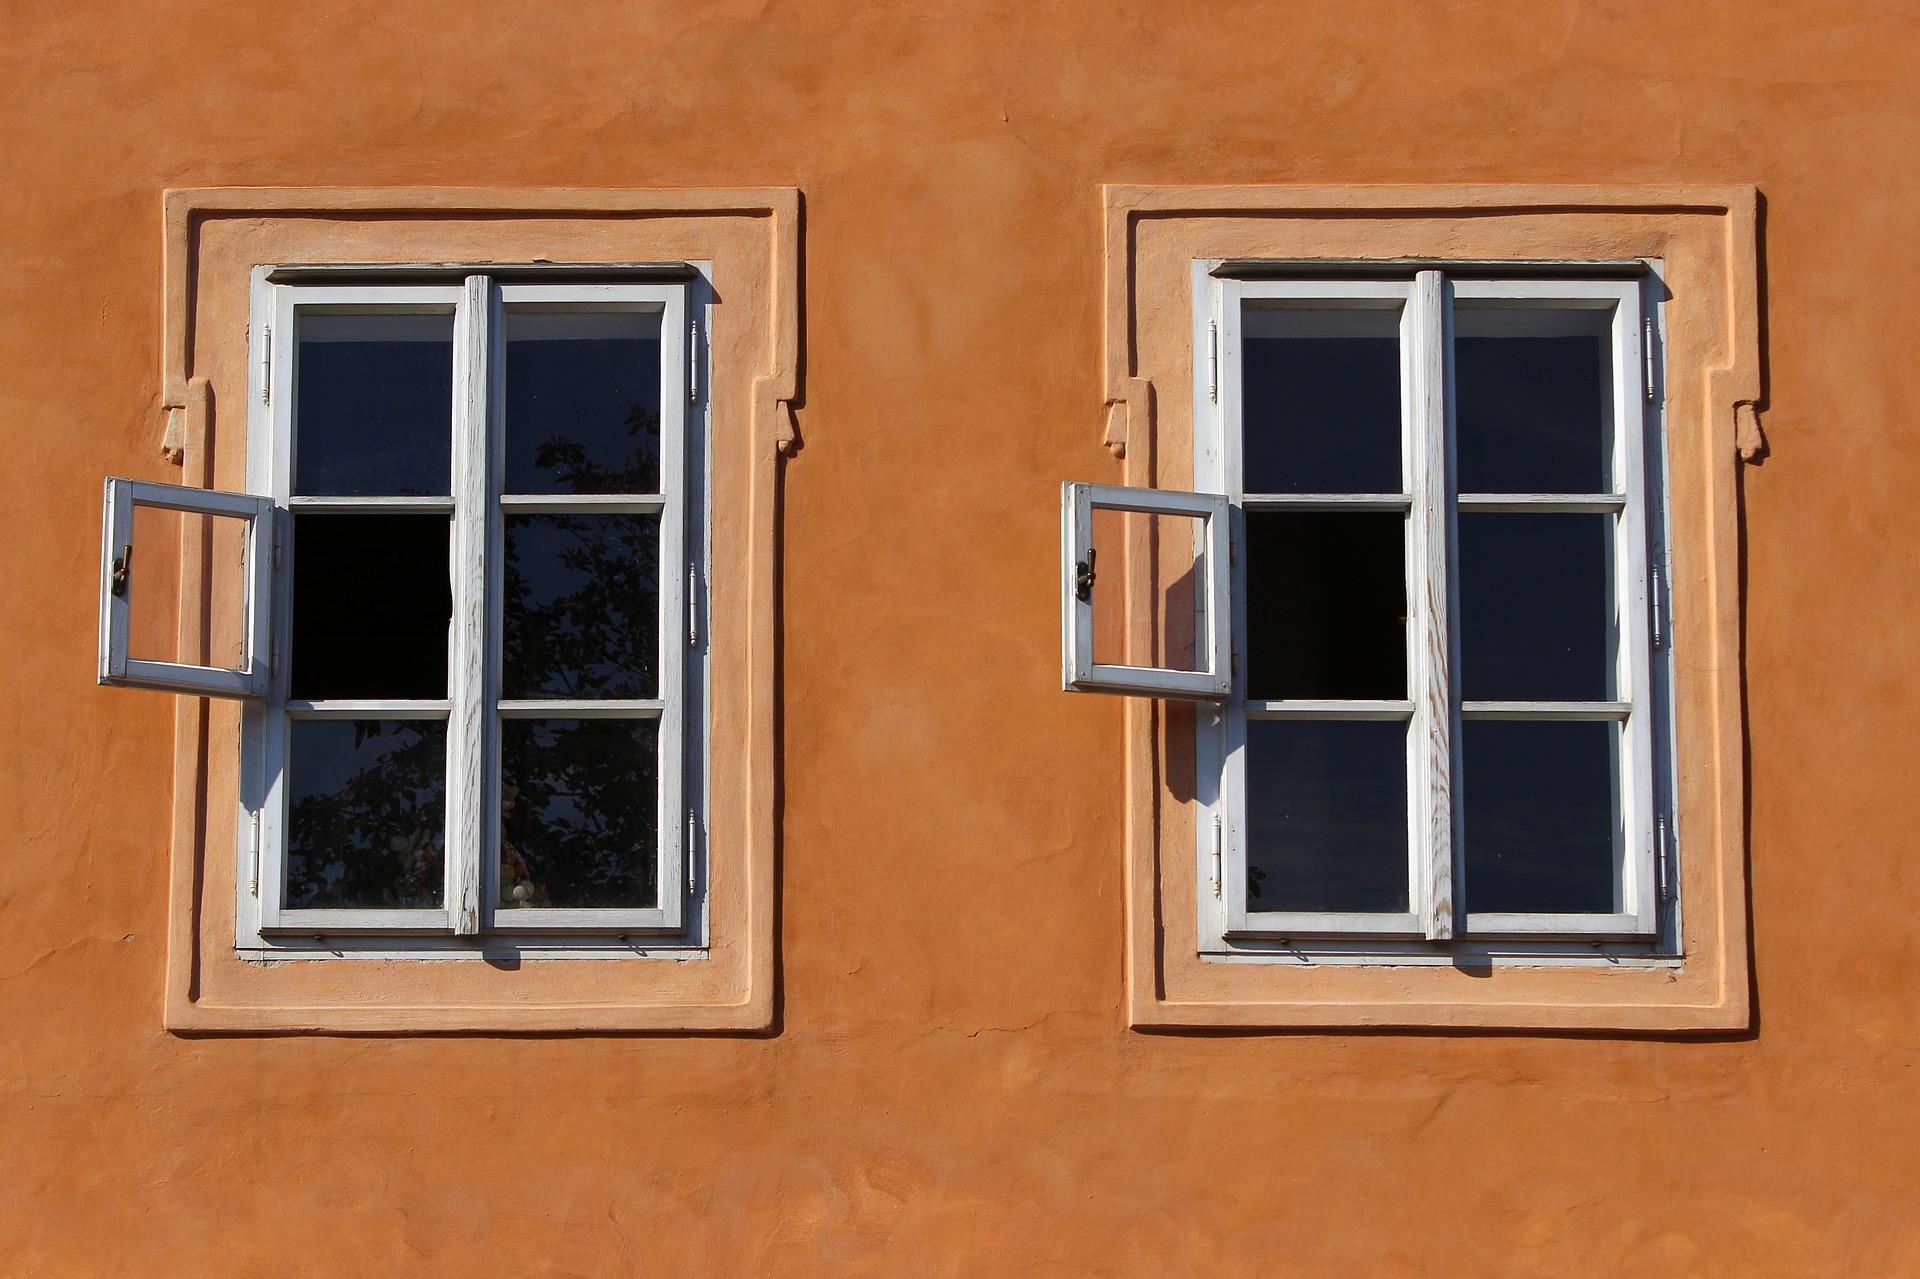 Ahorrar electricidad cambiando las ventanas